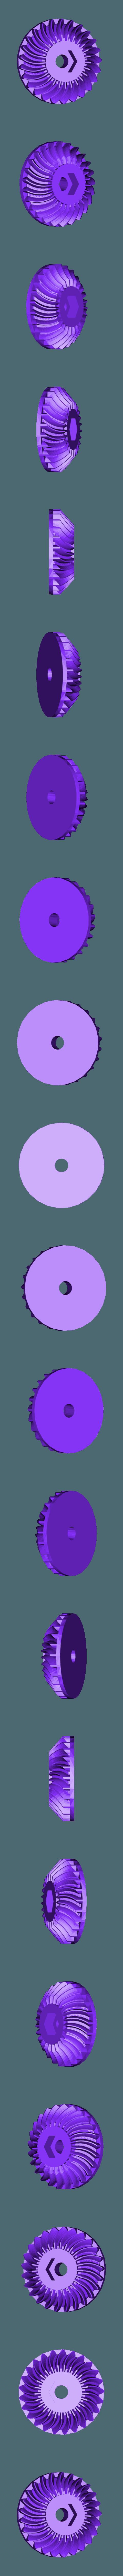 spiral_bevel_gear_L.stl Télécharger fichier STL gratuit Réducteur à angle droit Nema 17 avec engrenages coniques à denture hélicoïdale • Modèle pour imprimante 3D, dasaki